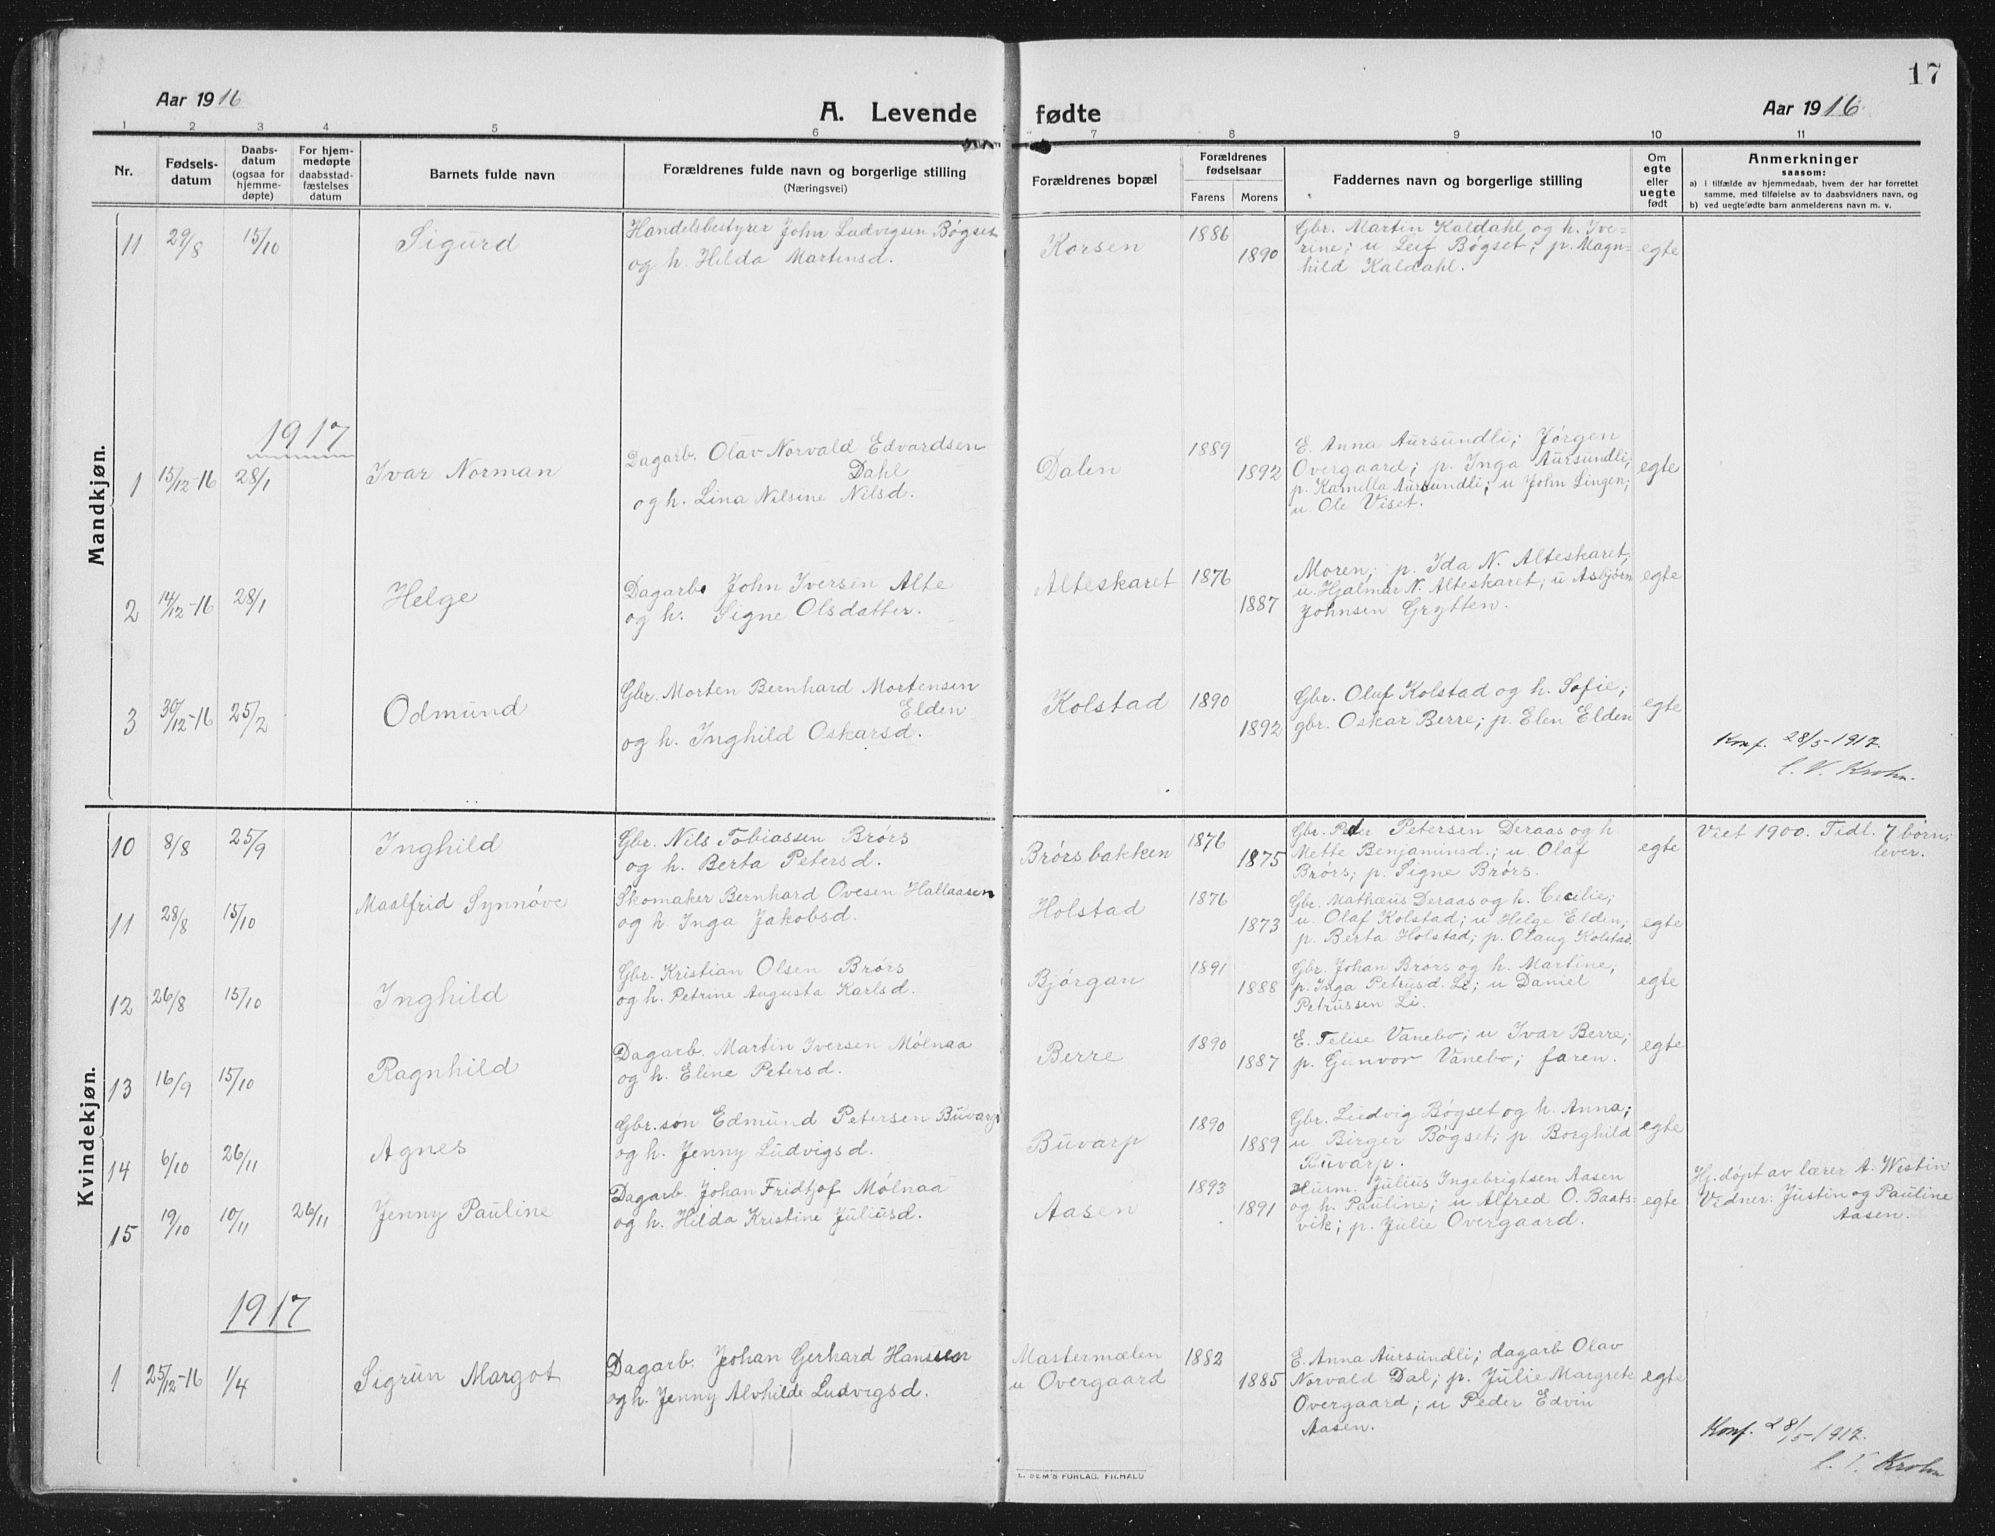 SAT, Ministerialprotokoller, klokkerbøker og fødselsregistre - Nord-Trøndelag, 742/L0413: Klokkerbok nr. 742C04, 1911-1938, s. 17